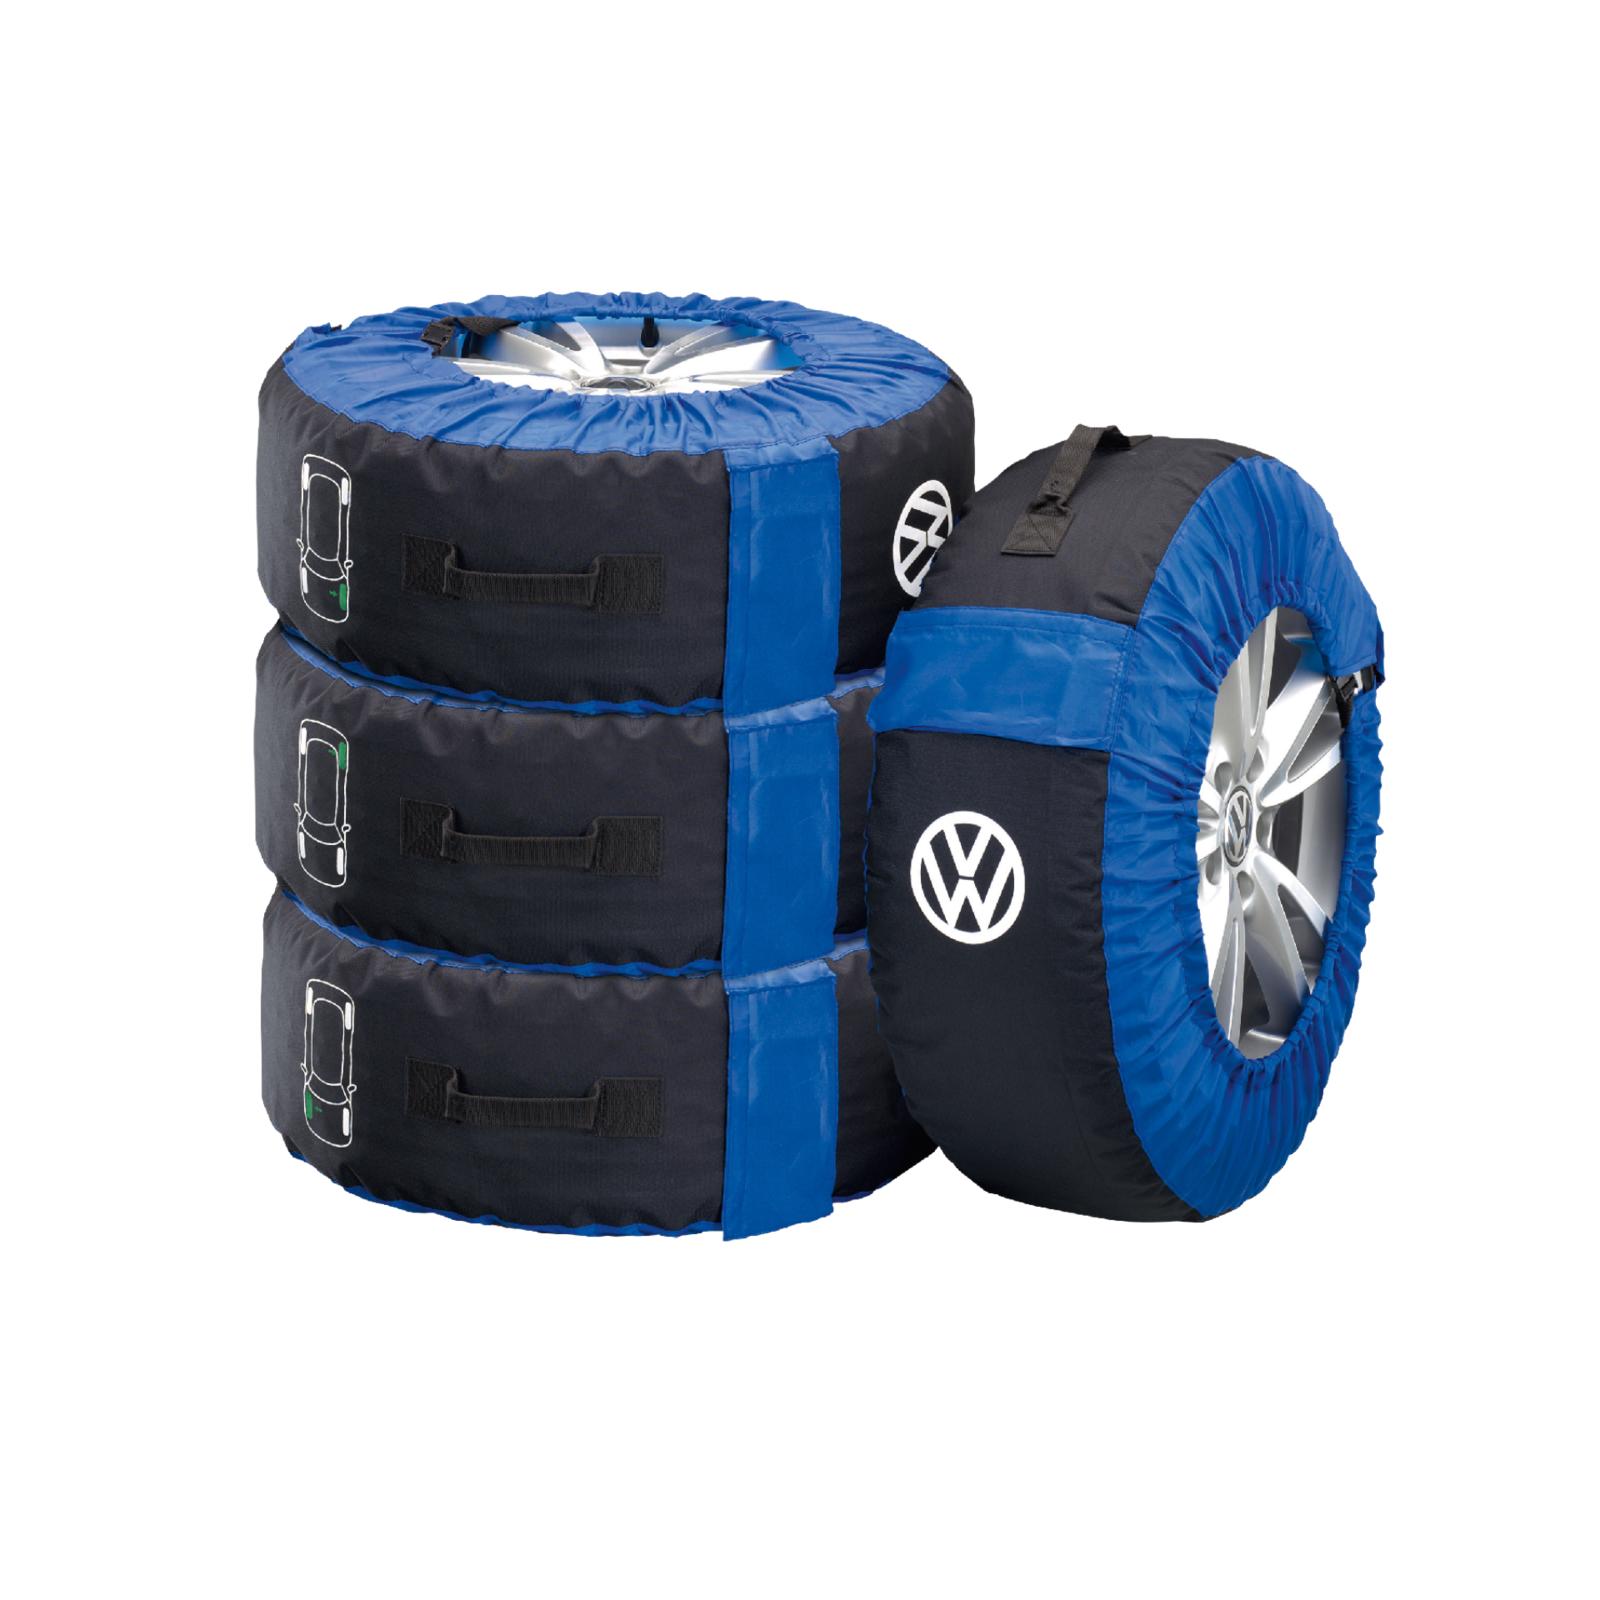 Original VW Reifentaschen für schonenden Transport und werterhaltende Lagerung blau für Kompletträder bis 18 Zoll 000073900